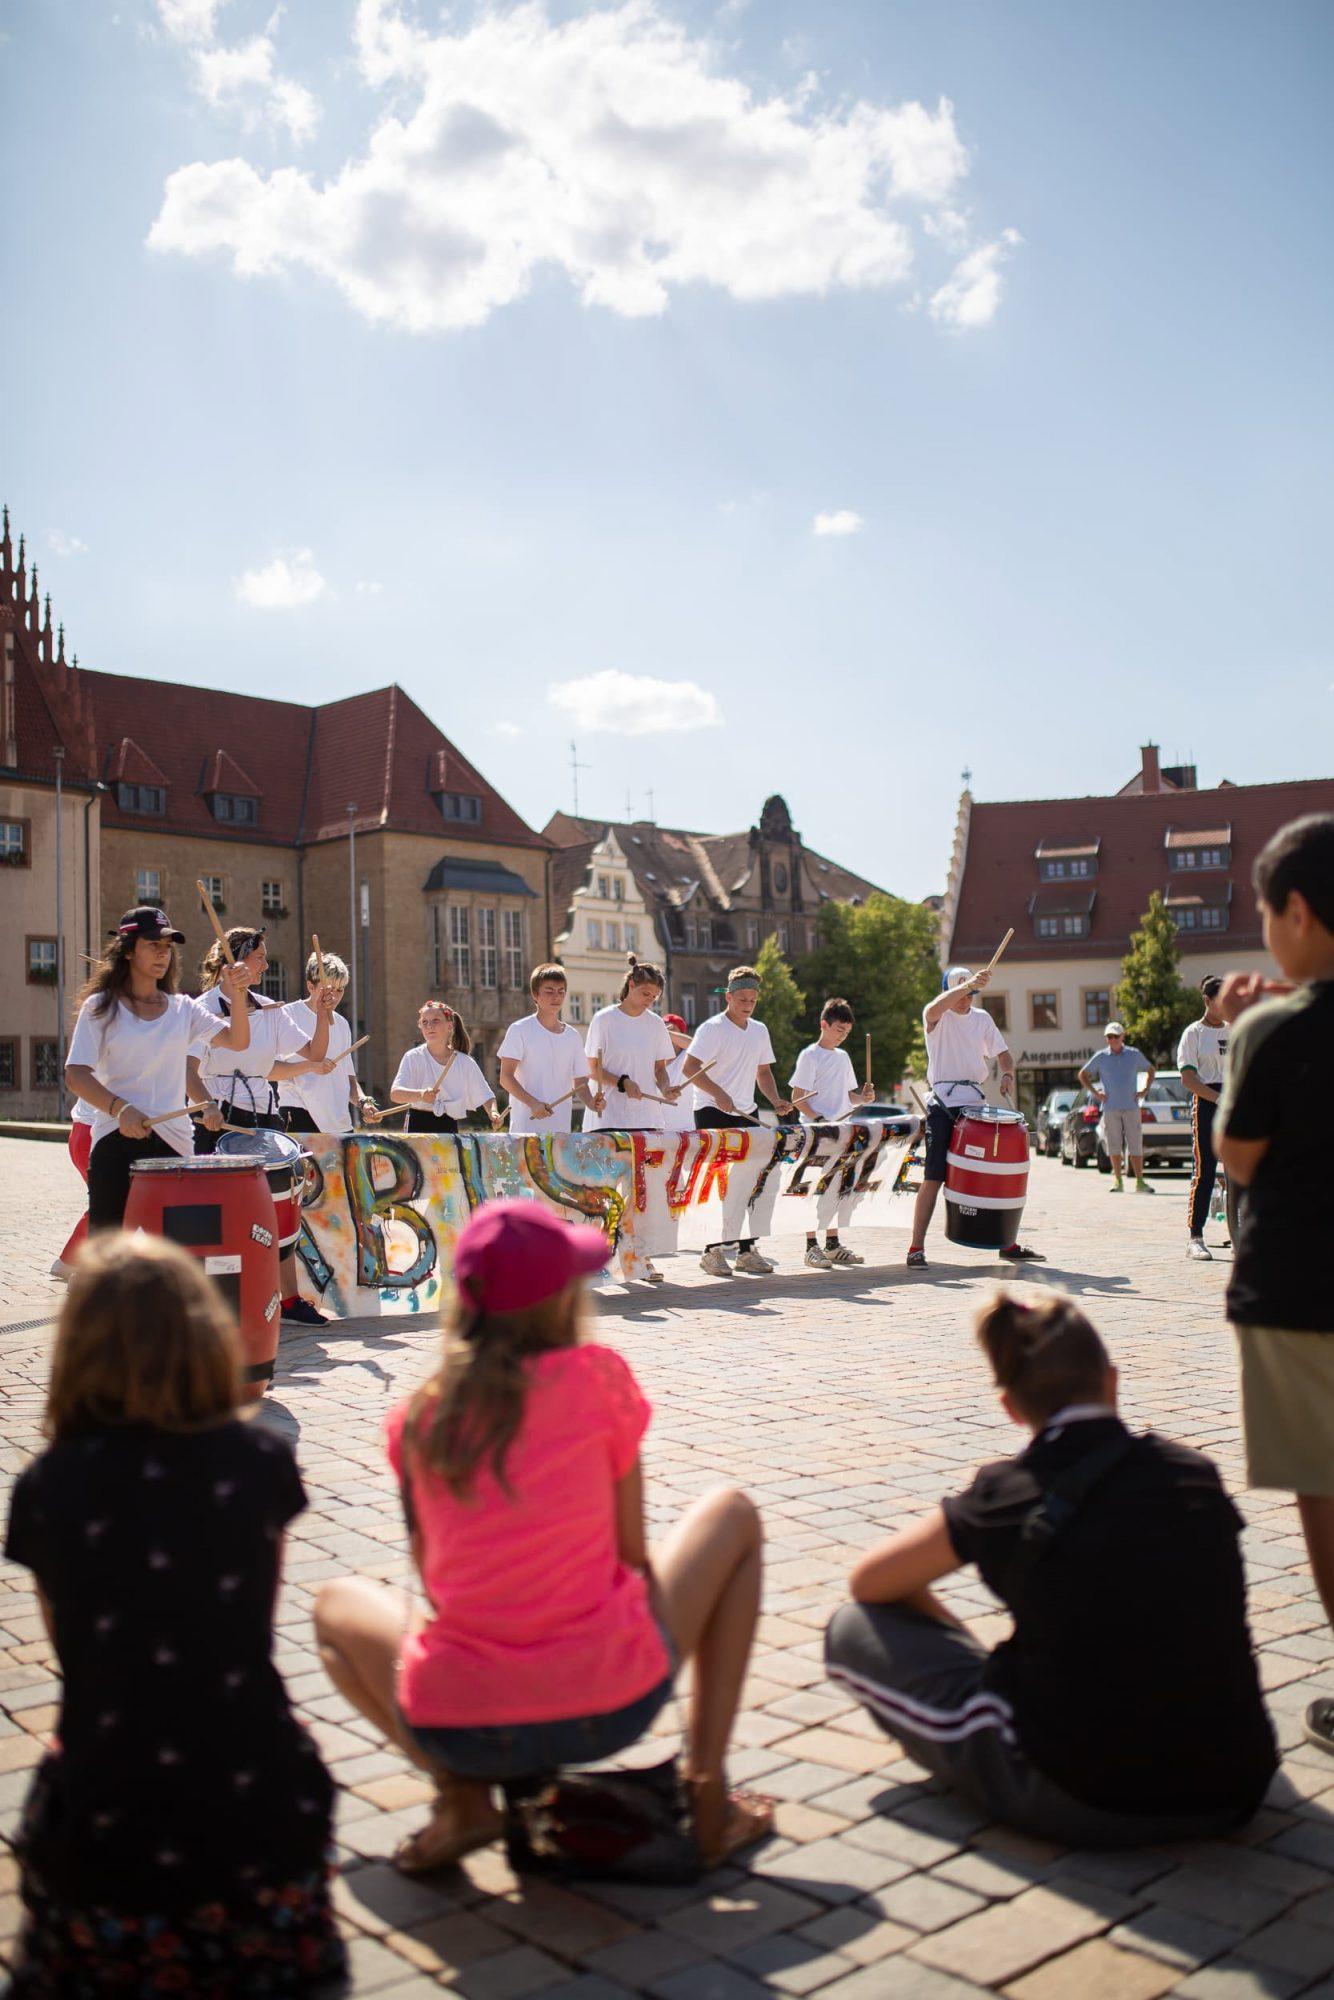 Besucher betrachten die Aufführung des Zirkus Upsala am Altmarkt in Zeitz.